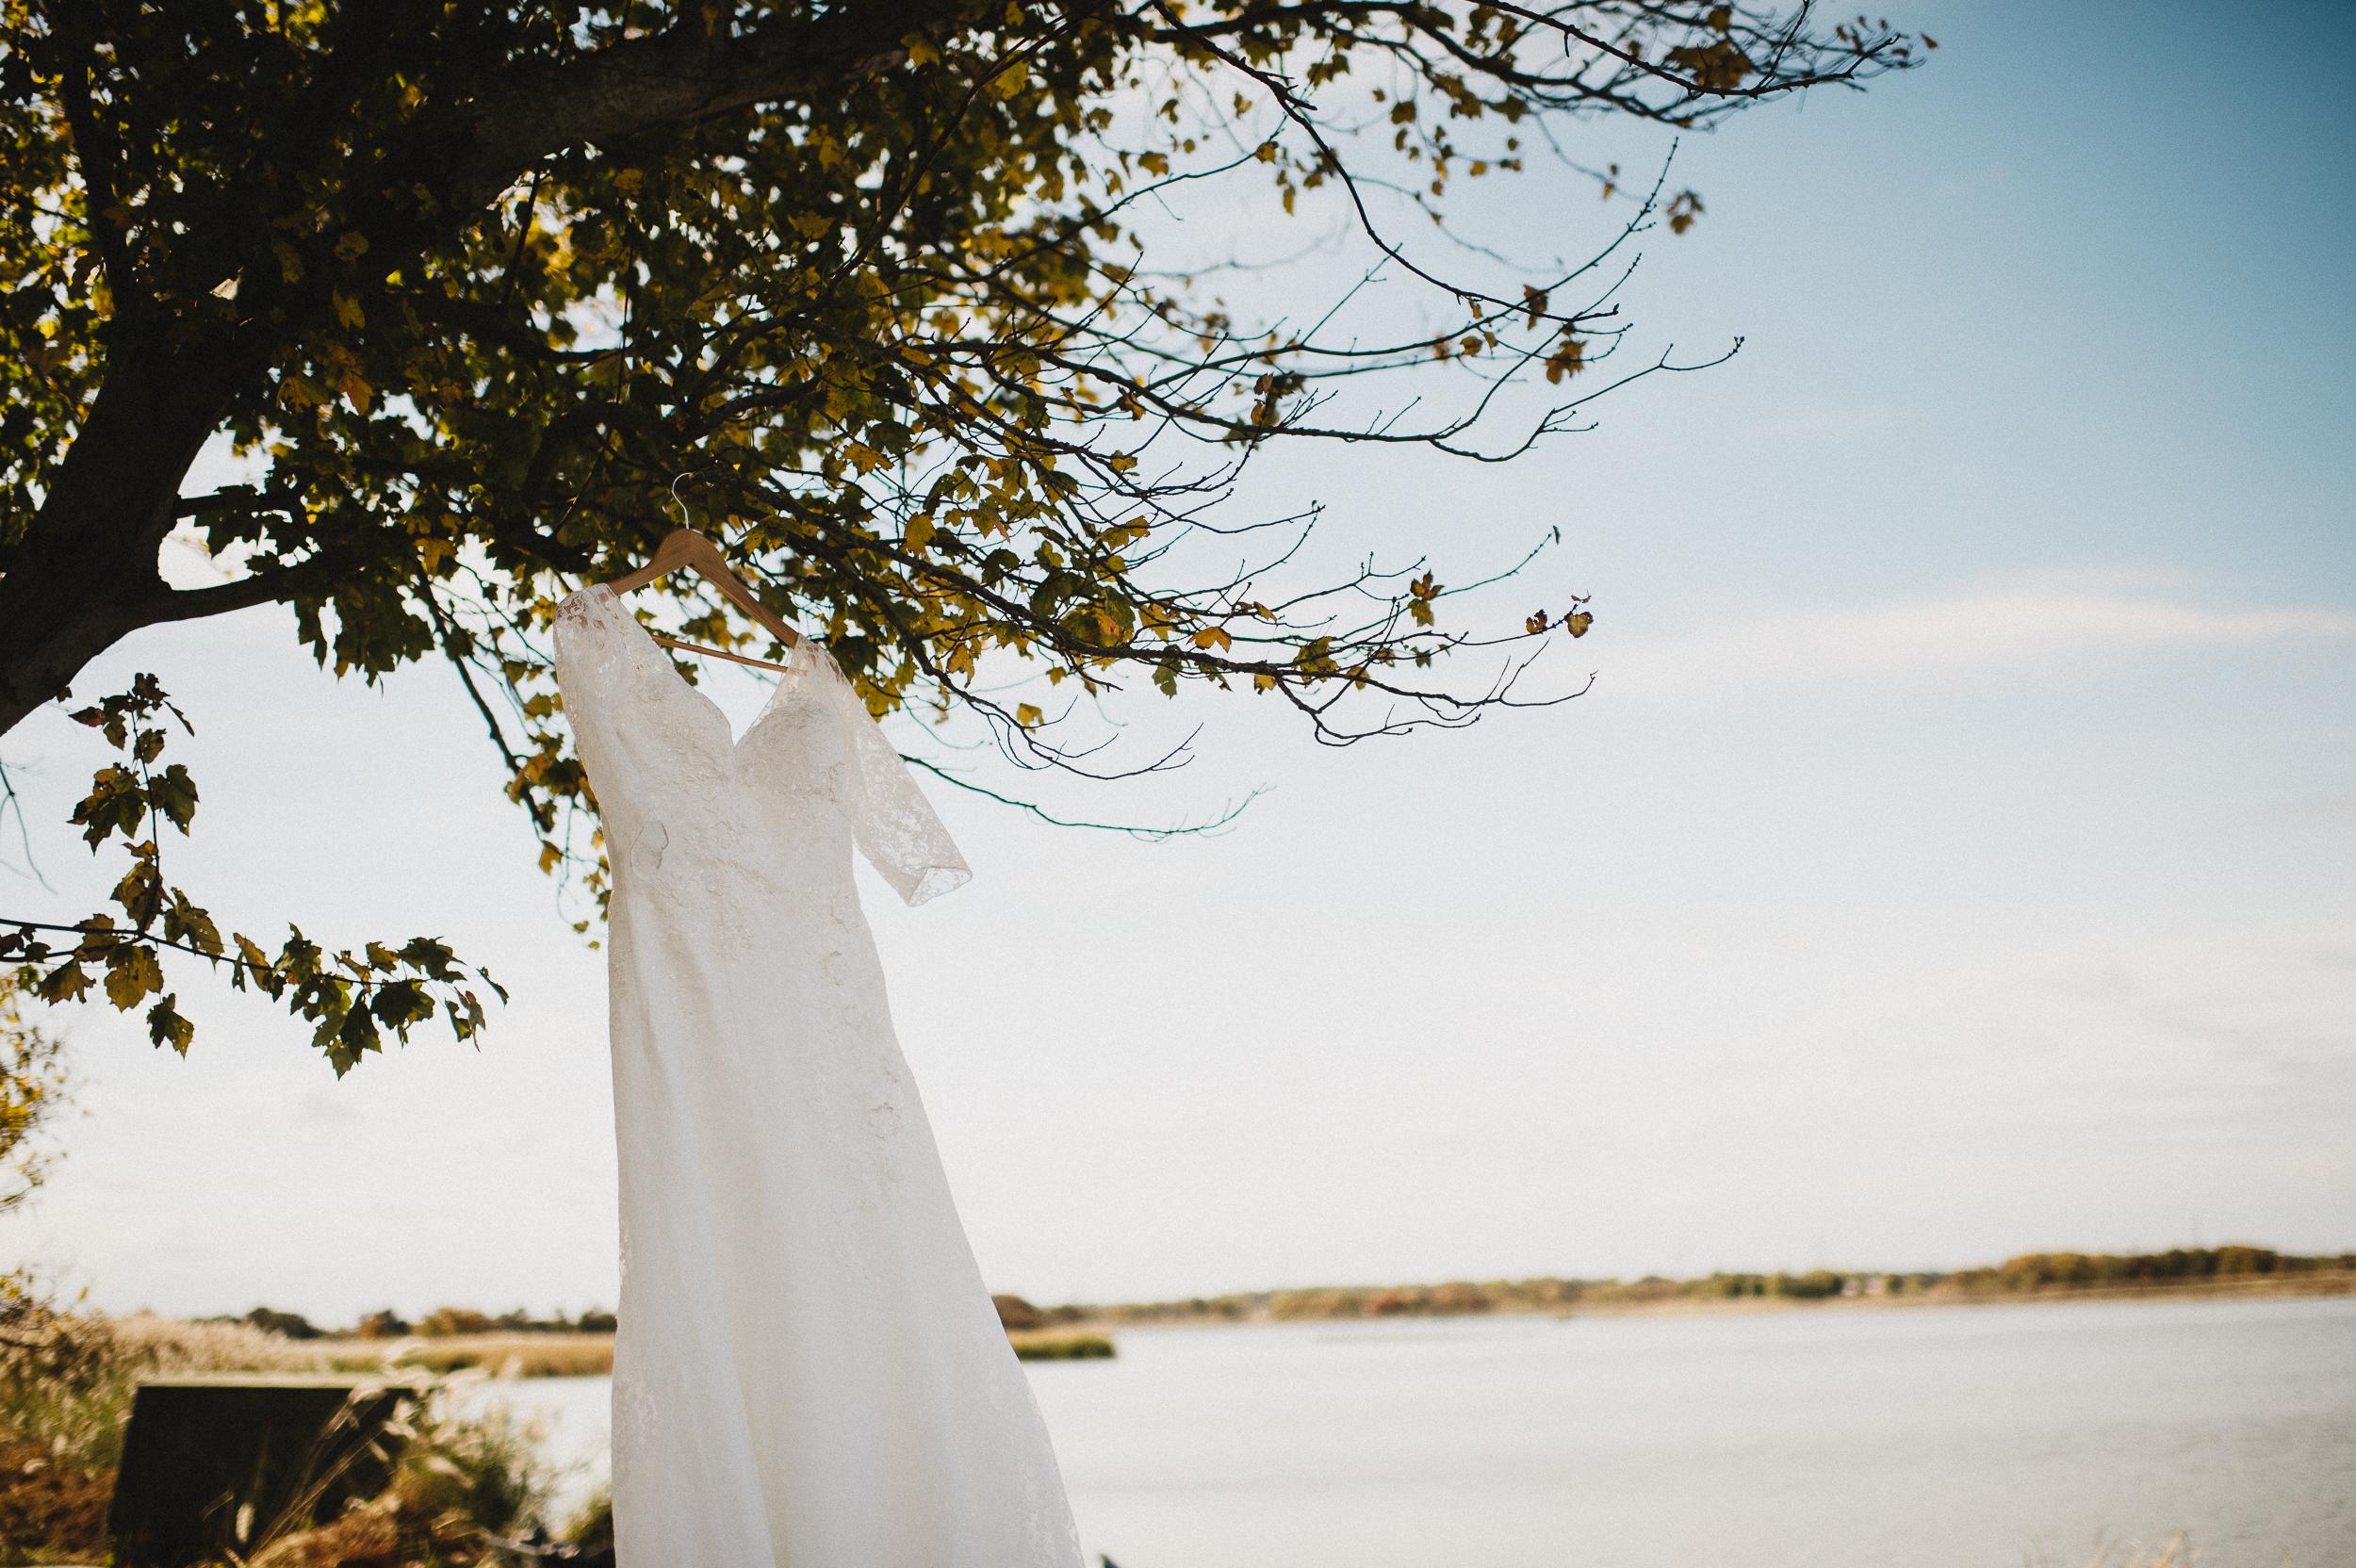 thousand-acre-farm-wedding-photographer-9.jpg